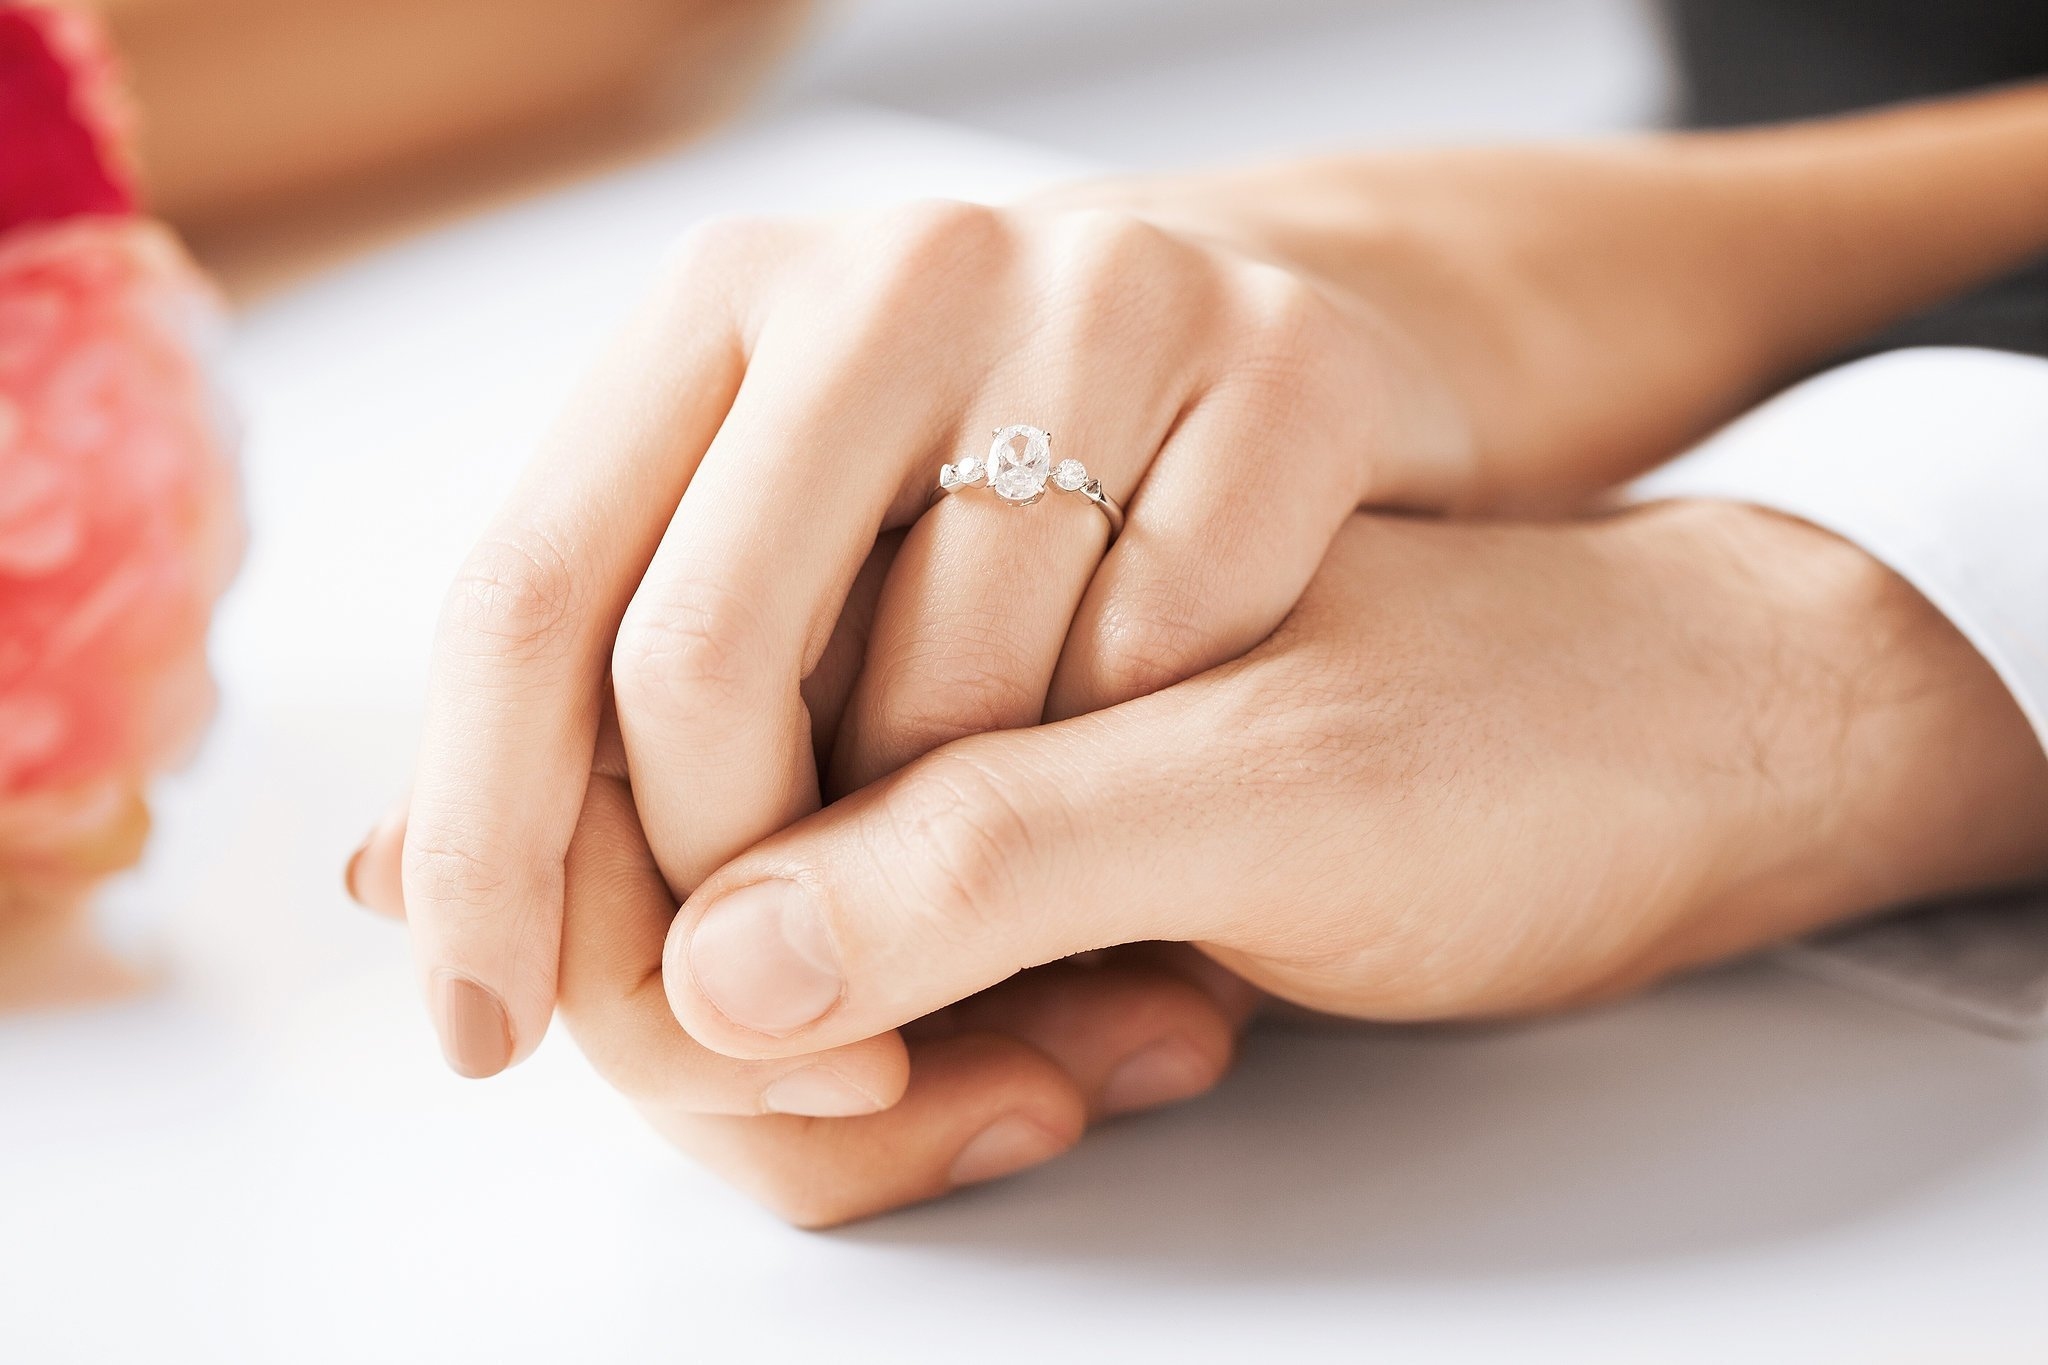 Картинки обручальных колец на руках влюбленных, мужу лет